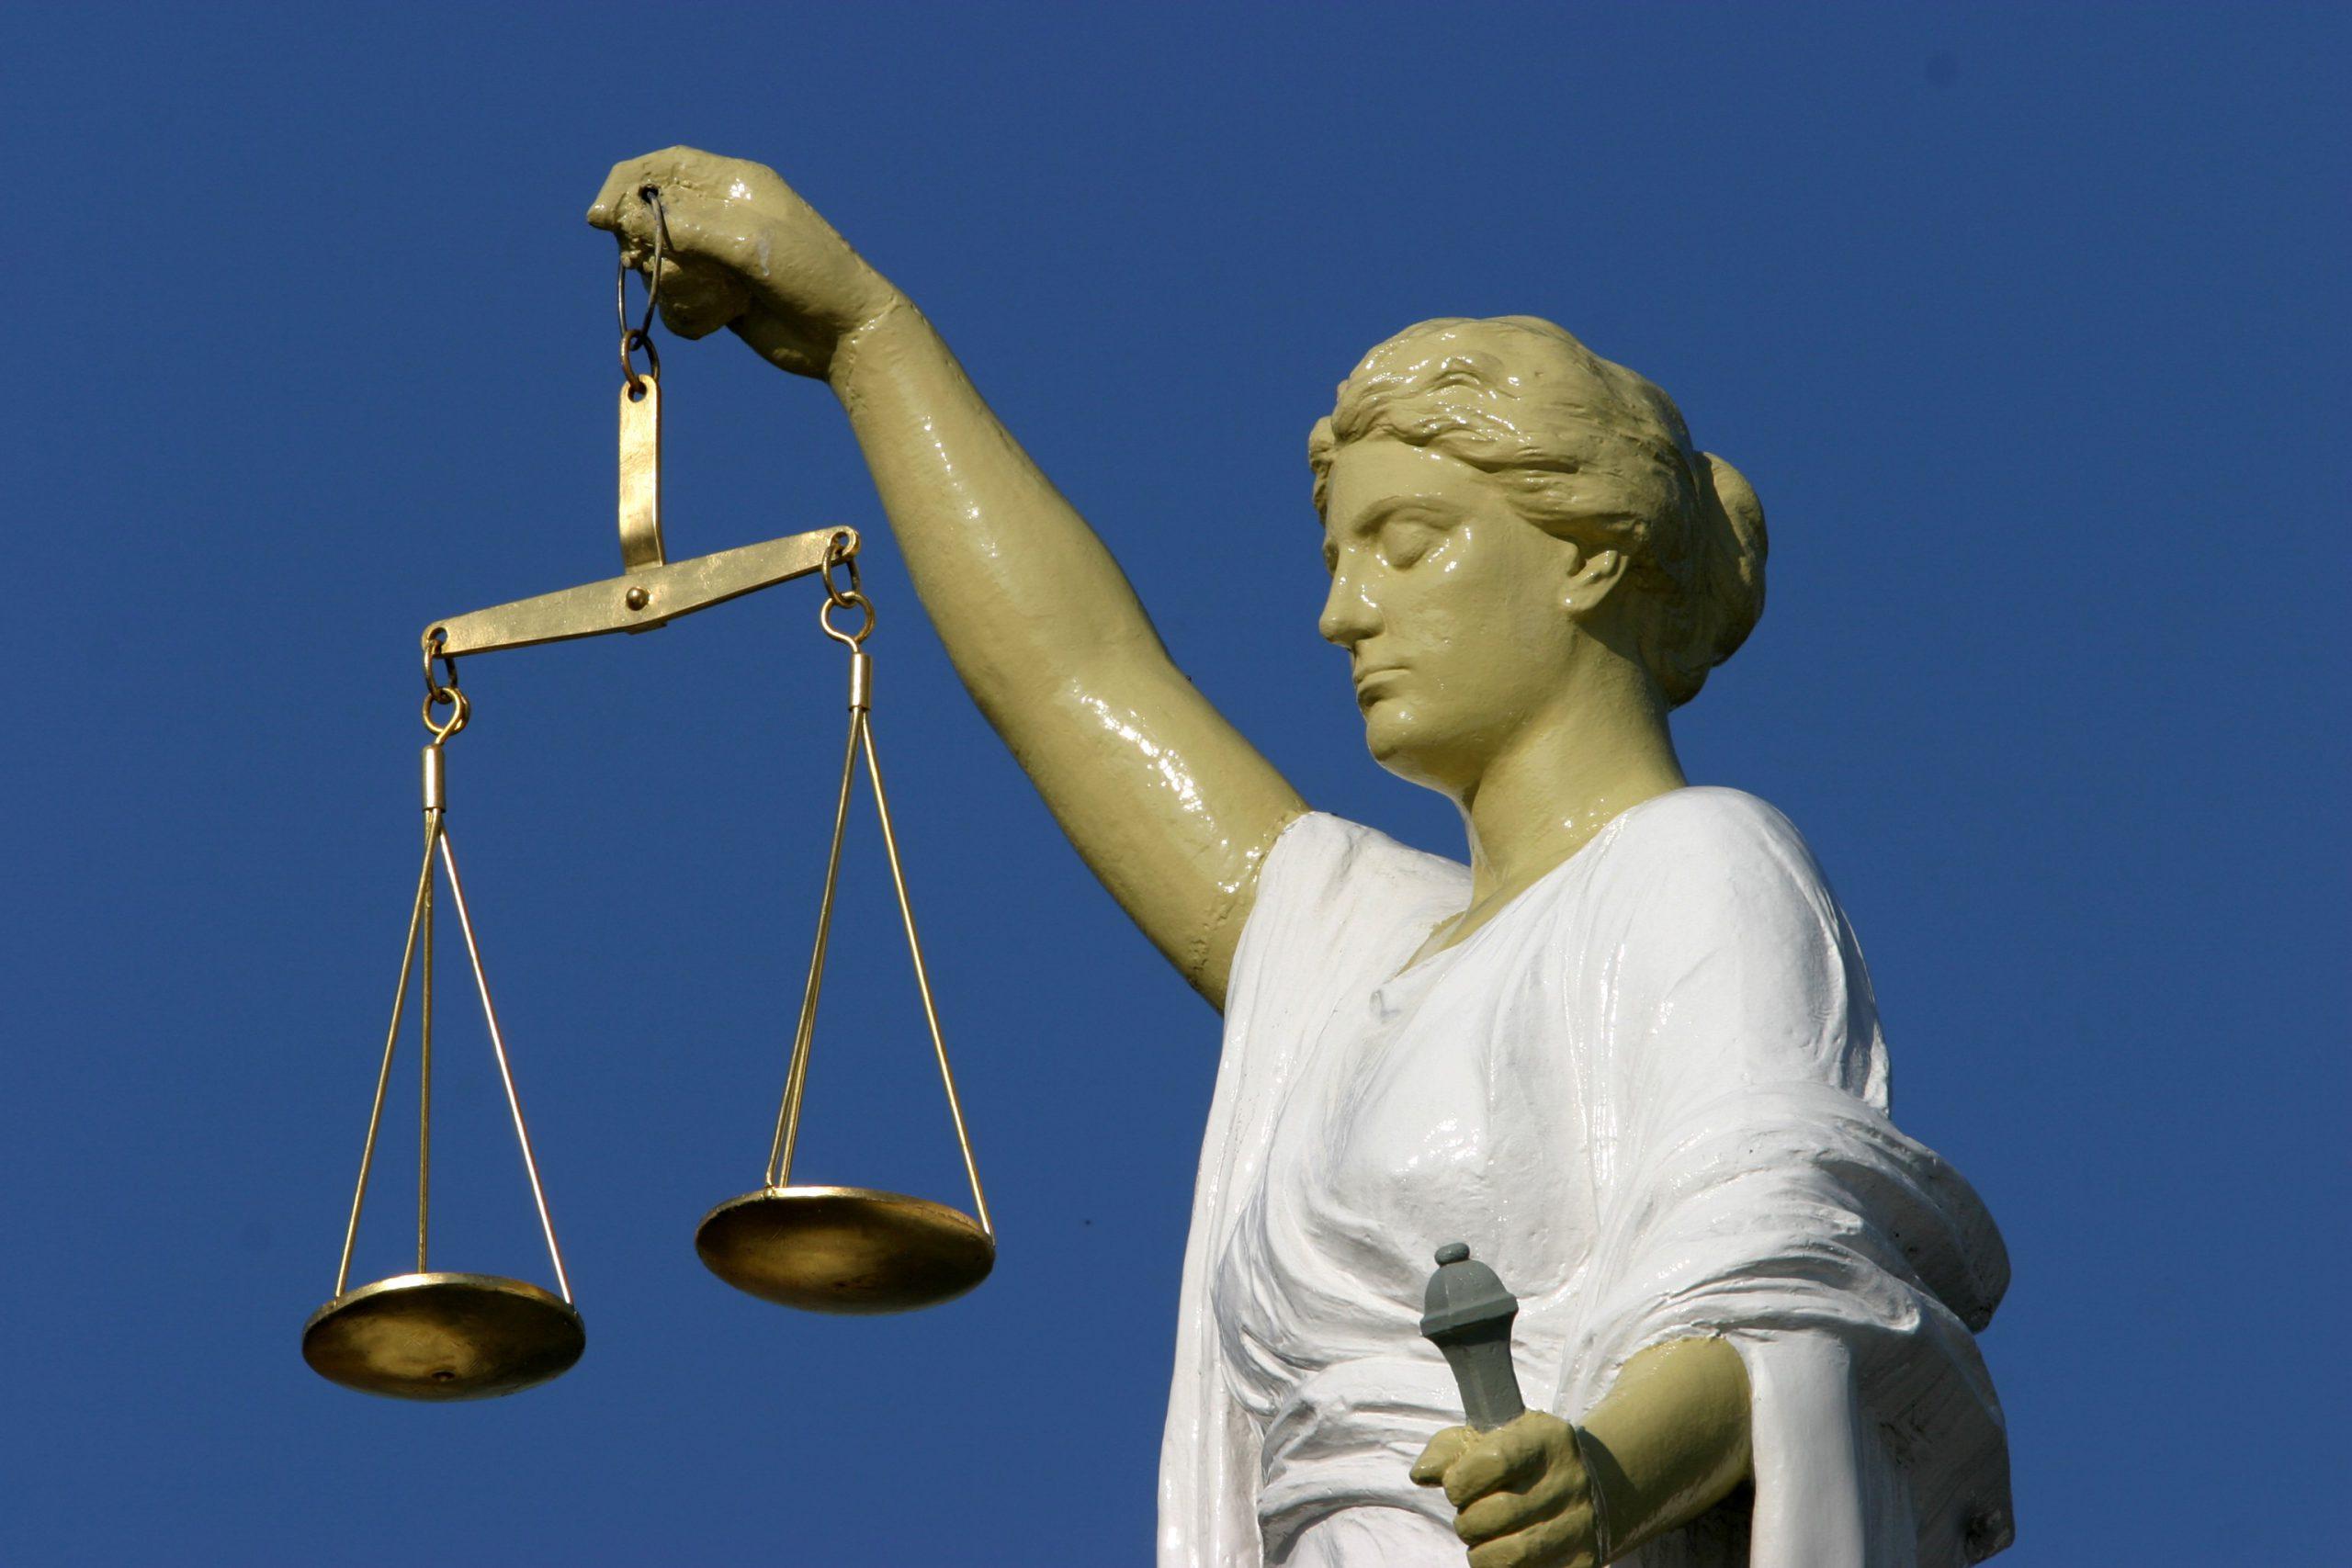 Vijftien jaar cel voor moord op schoonzus in Amsterdam Osdorp